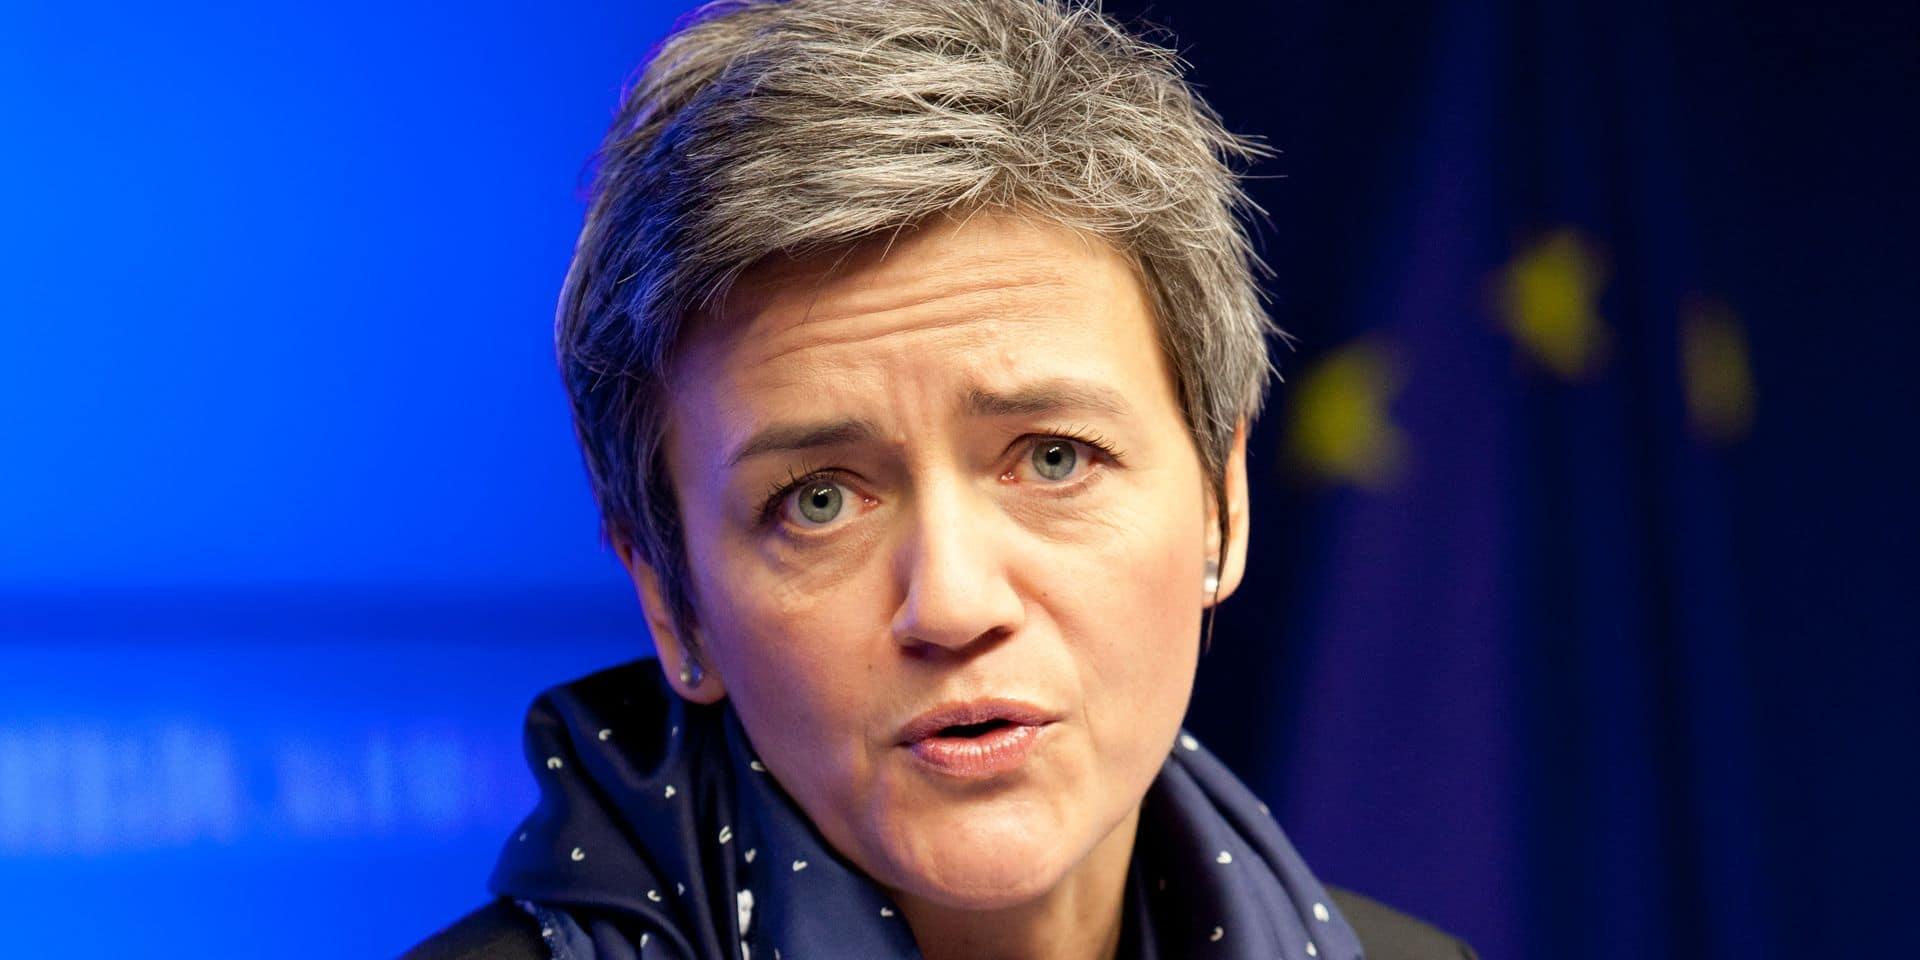 La Commission européenne dénonce : le fisc belge a mal appliqué la loi